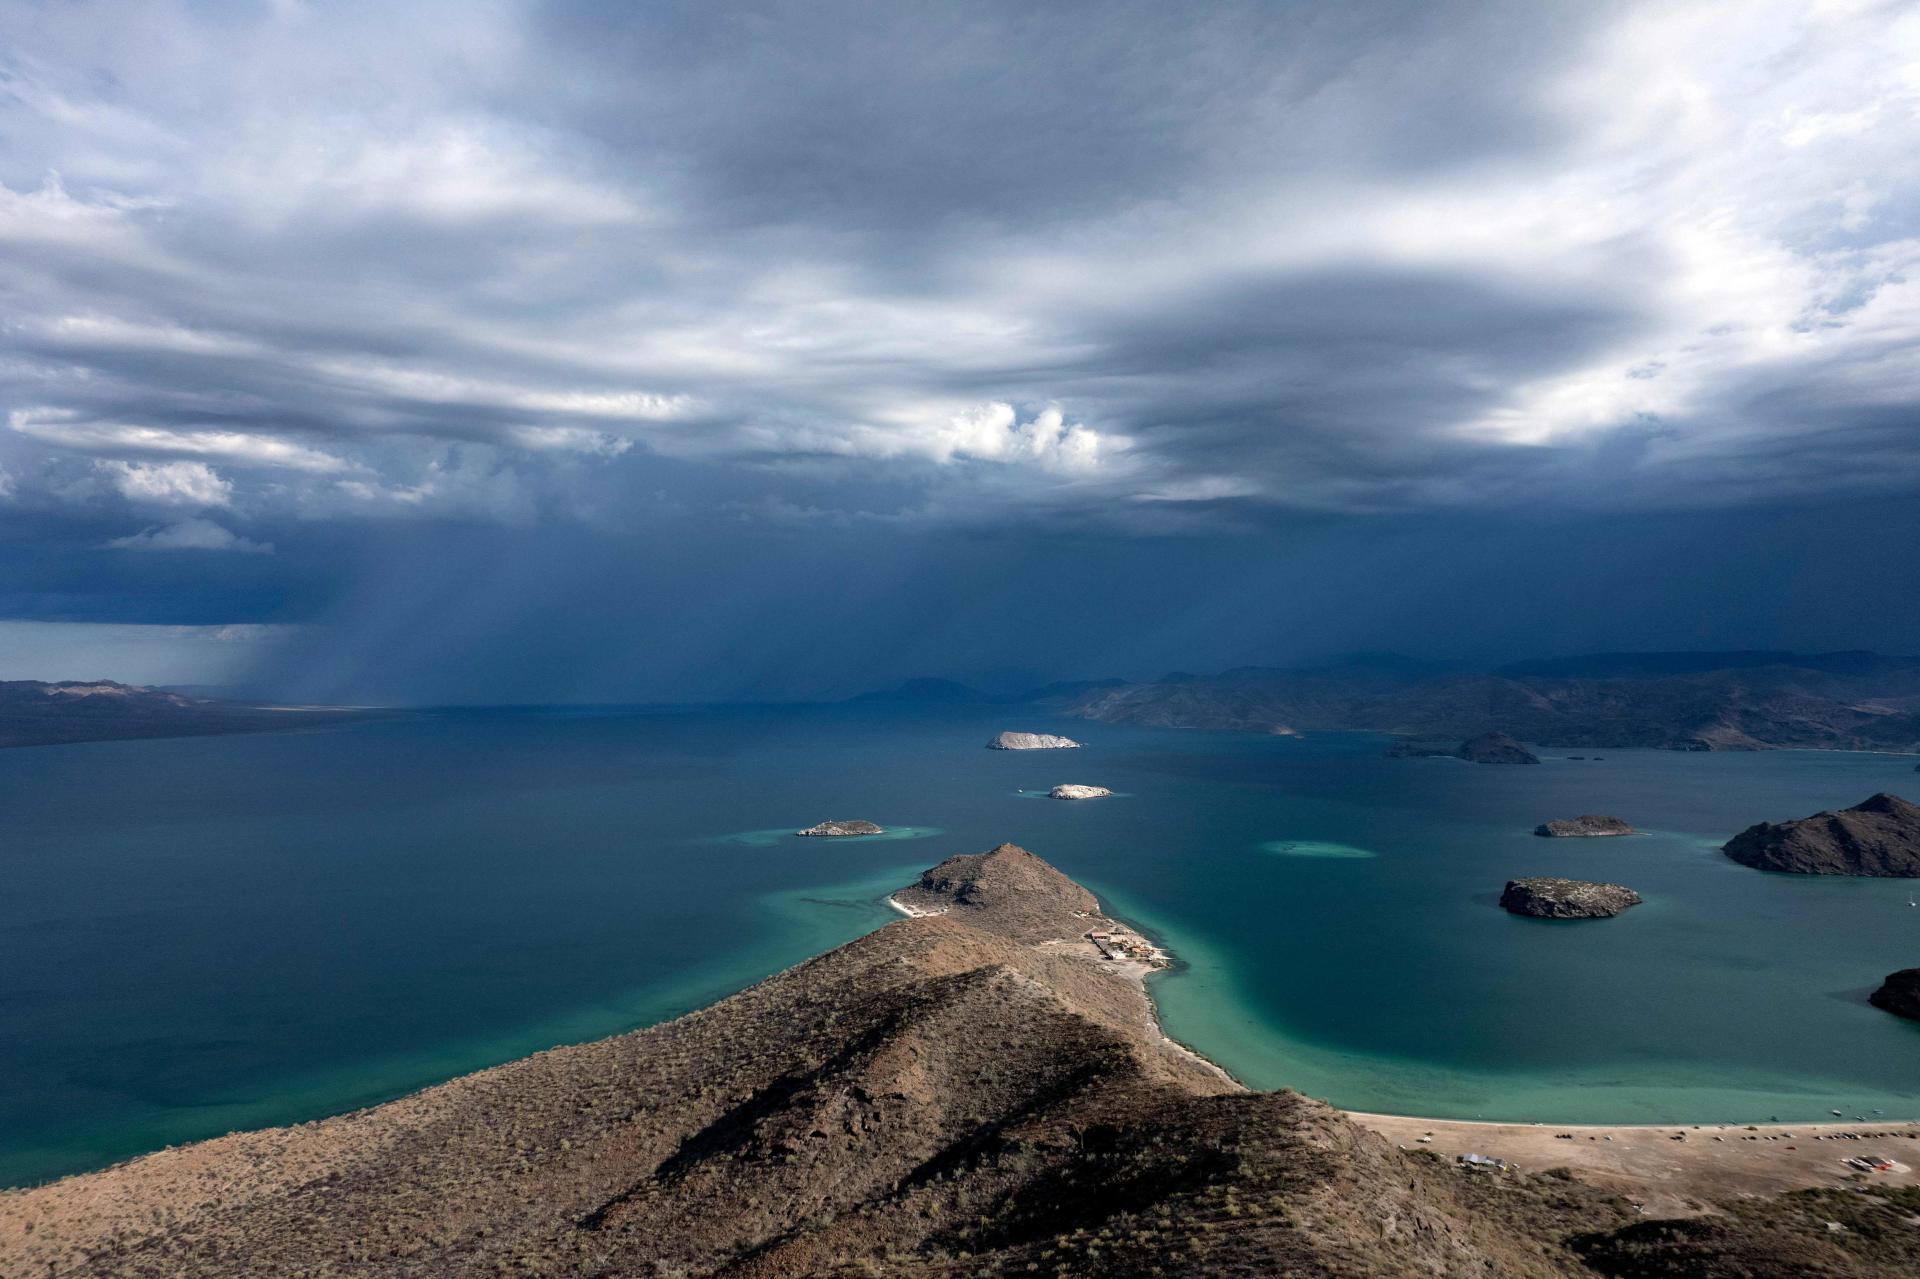 Le golfe de Californie et ses îles, au Mexique, font leur entrée cette année sur la liste du Patrimoine mondial de l'Unesco.